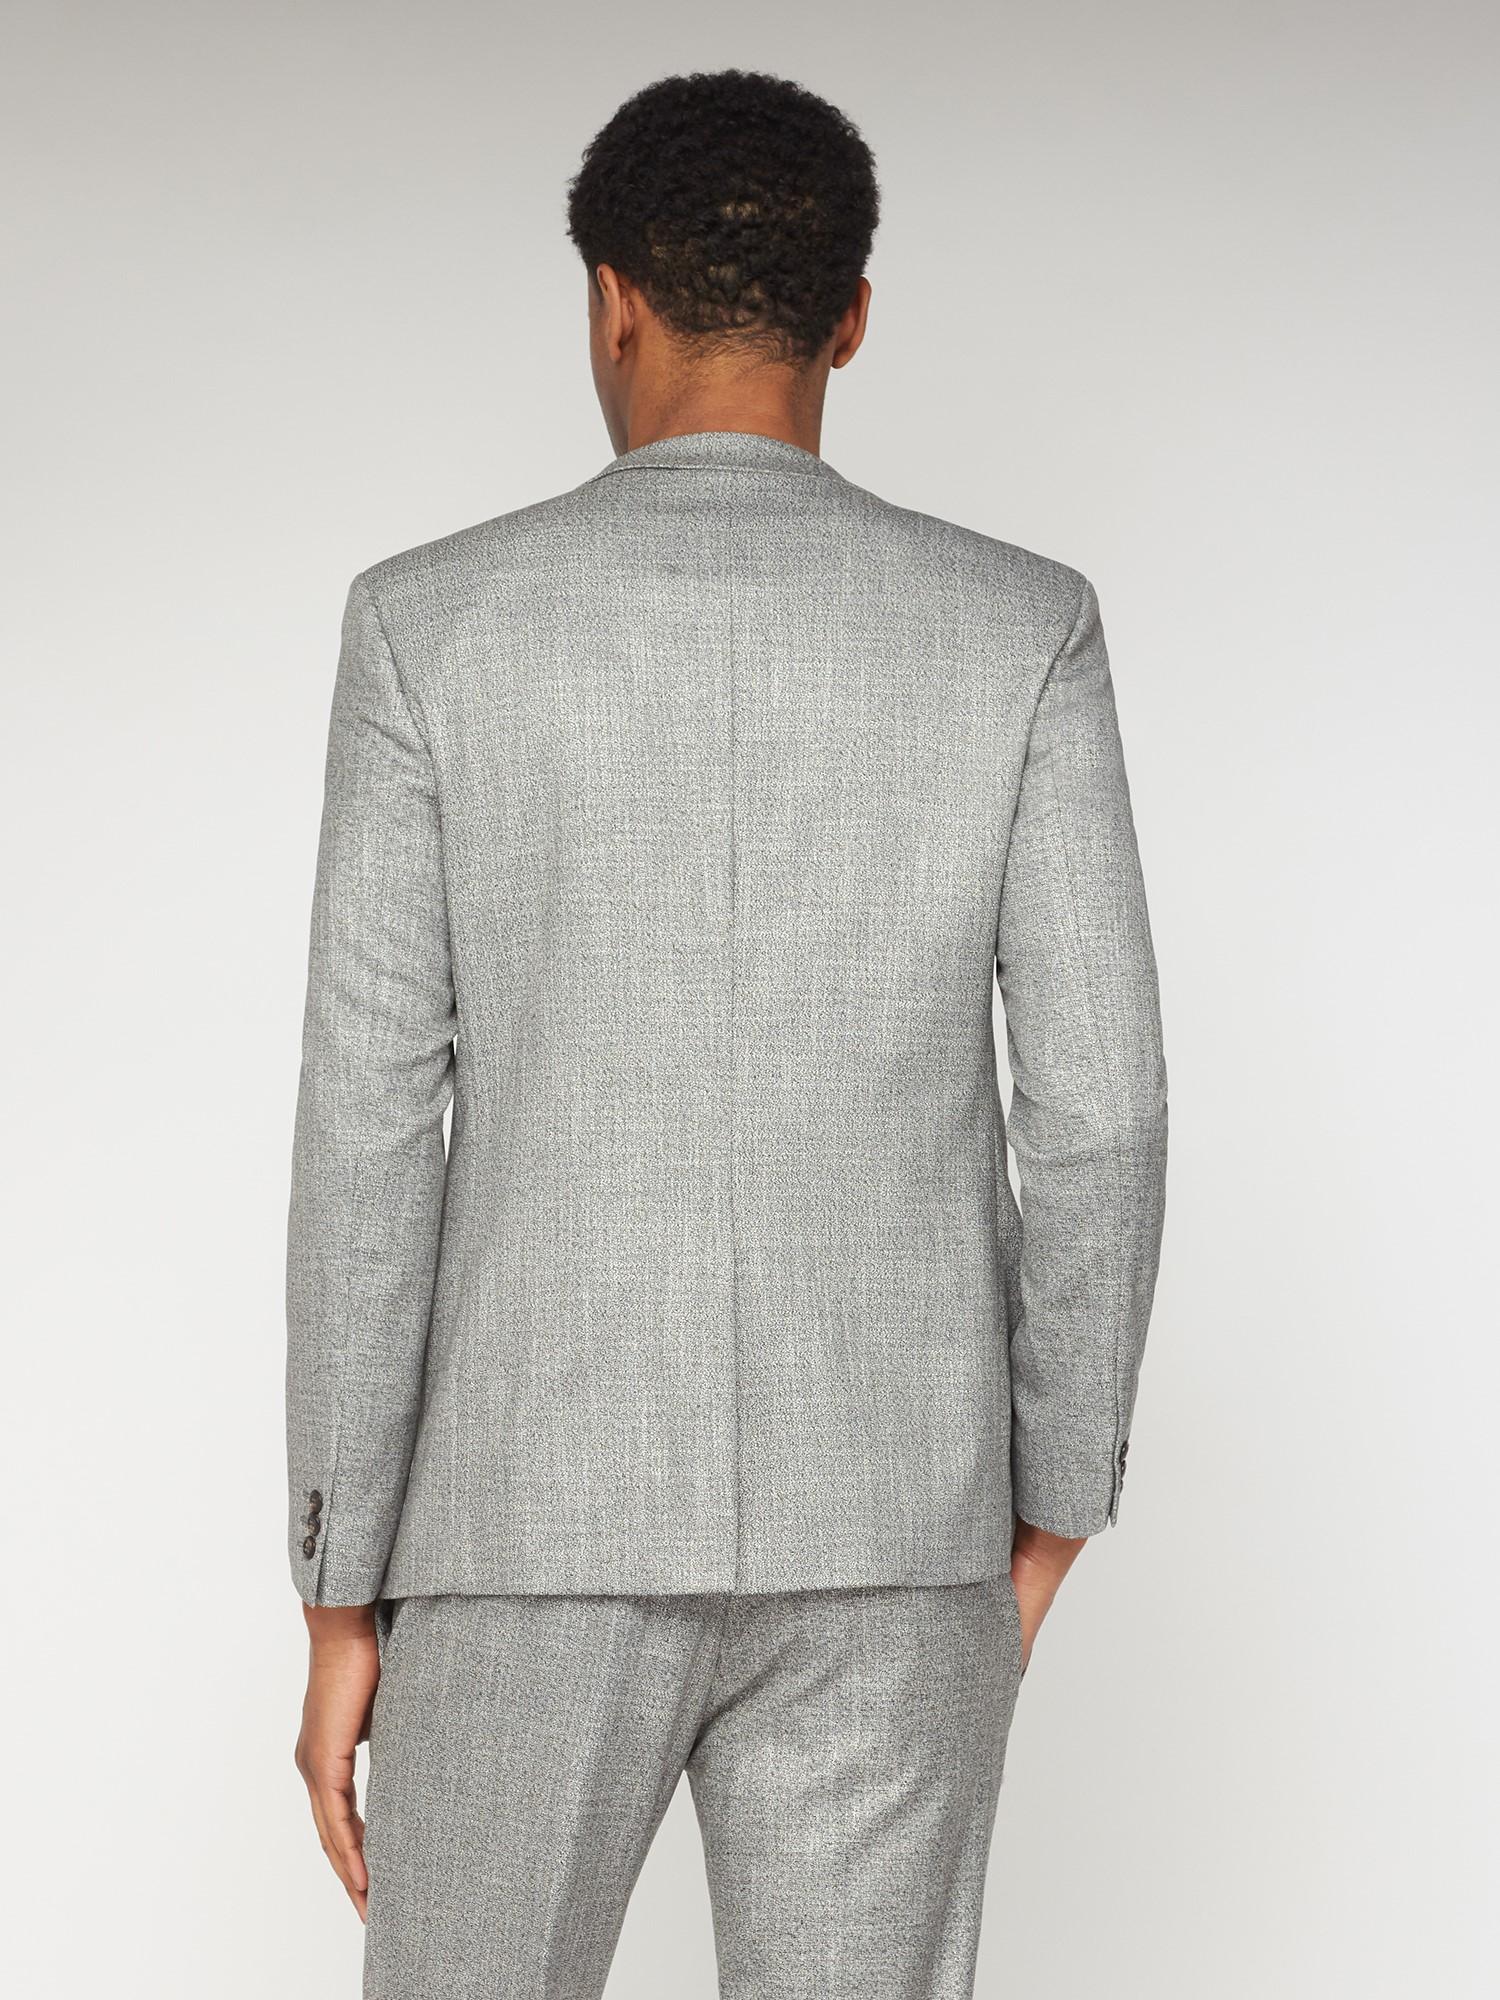 Grey Twist Structure Slim Fit Suit